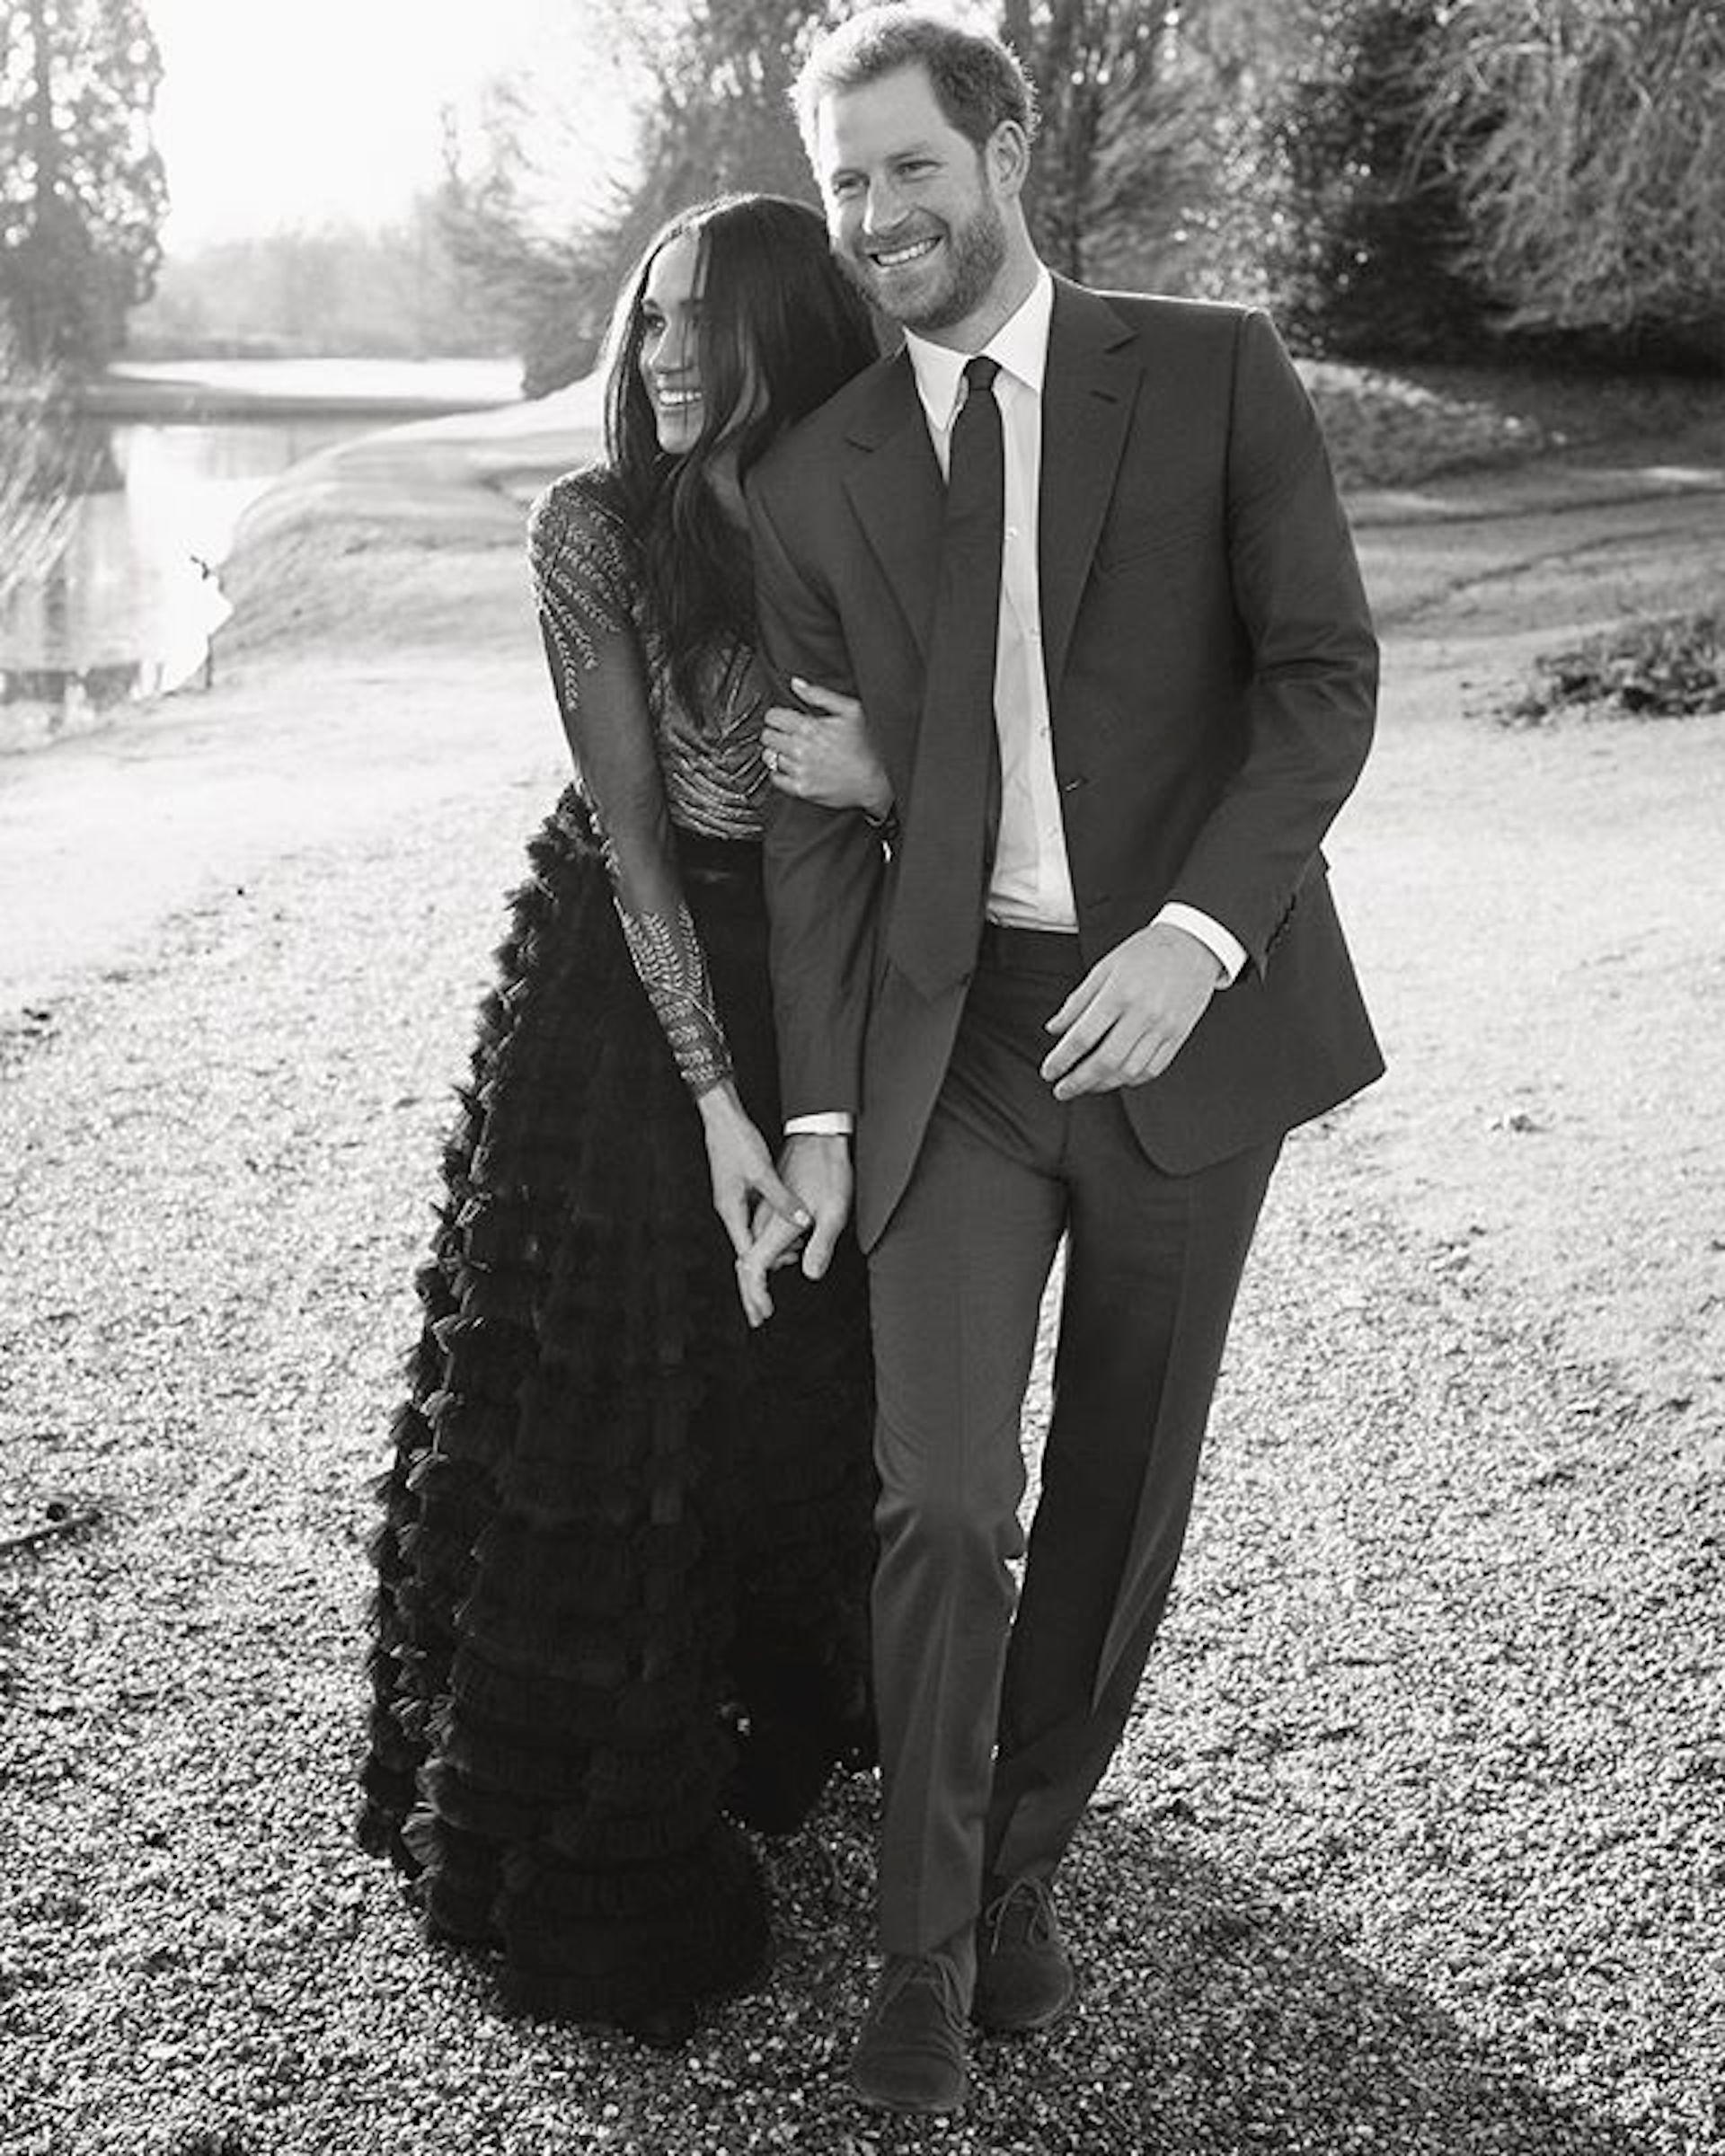 Alexi Lubomirskifue el encargado de retratar de manera oficial a Meghan Markle y al príncipe en su compromiso, y será el responsable de las fotos de boda